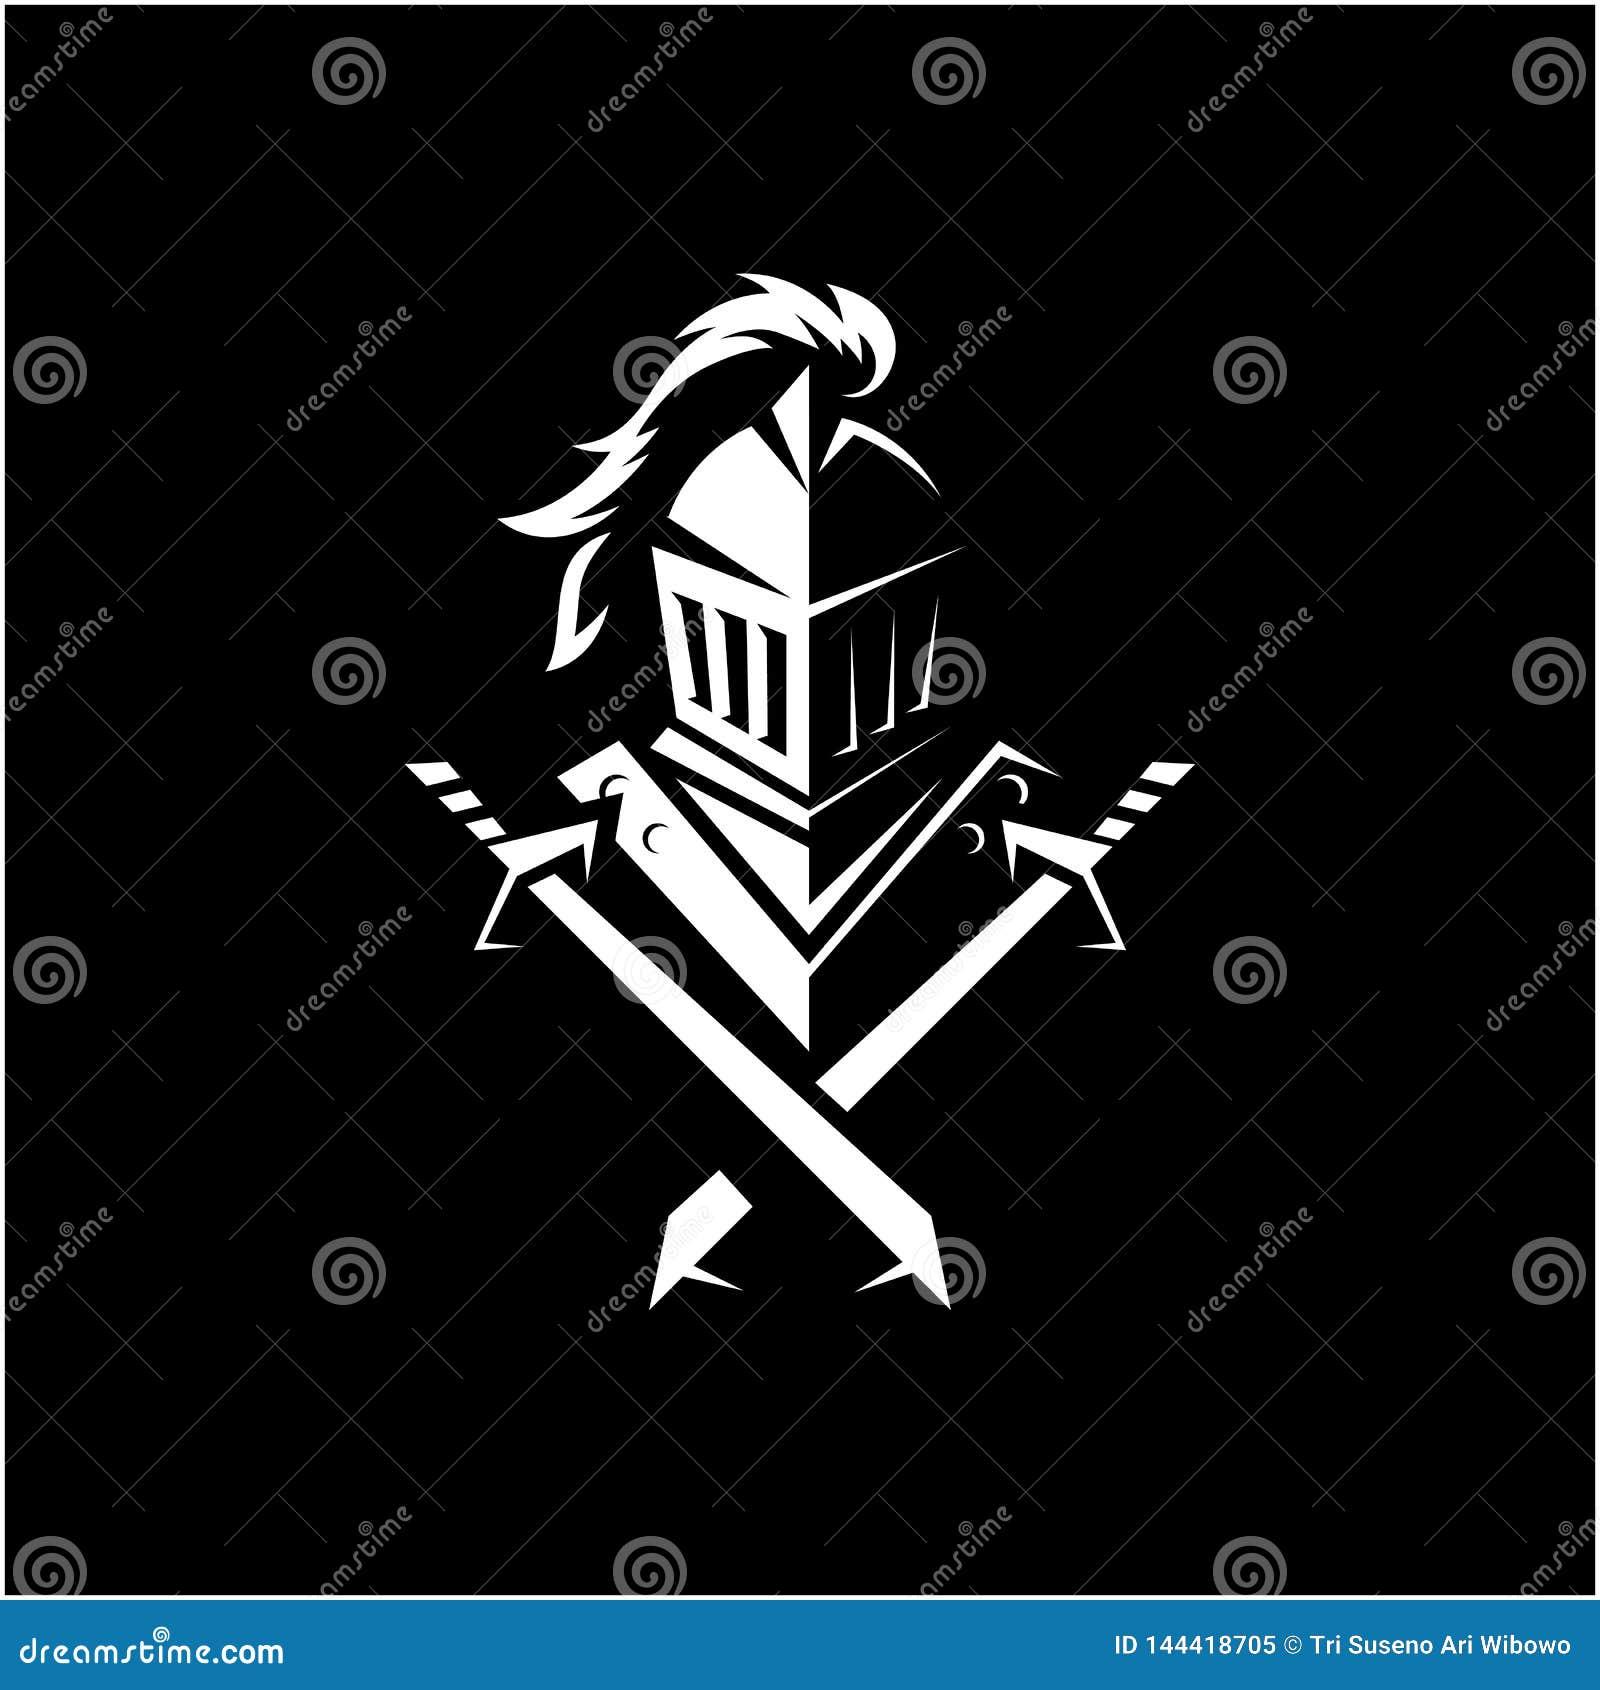 De ontzagwekkende vectorillustratie van het ridderembleem